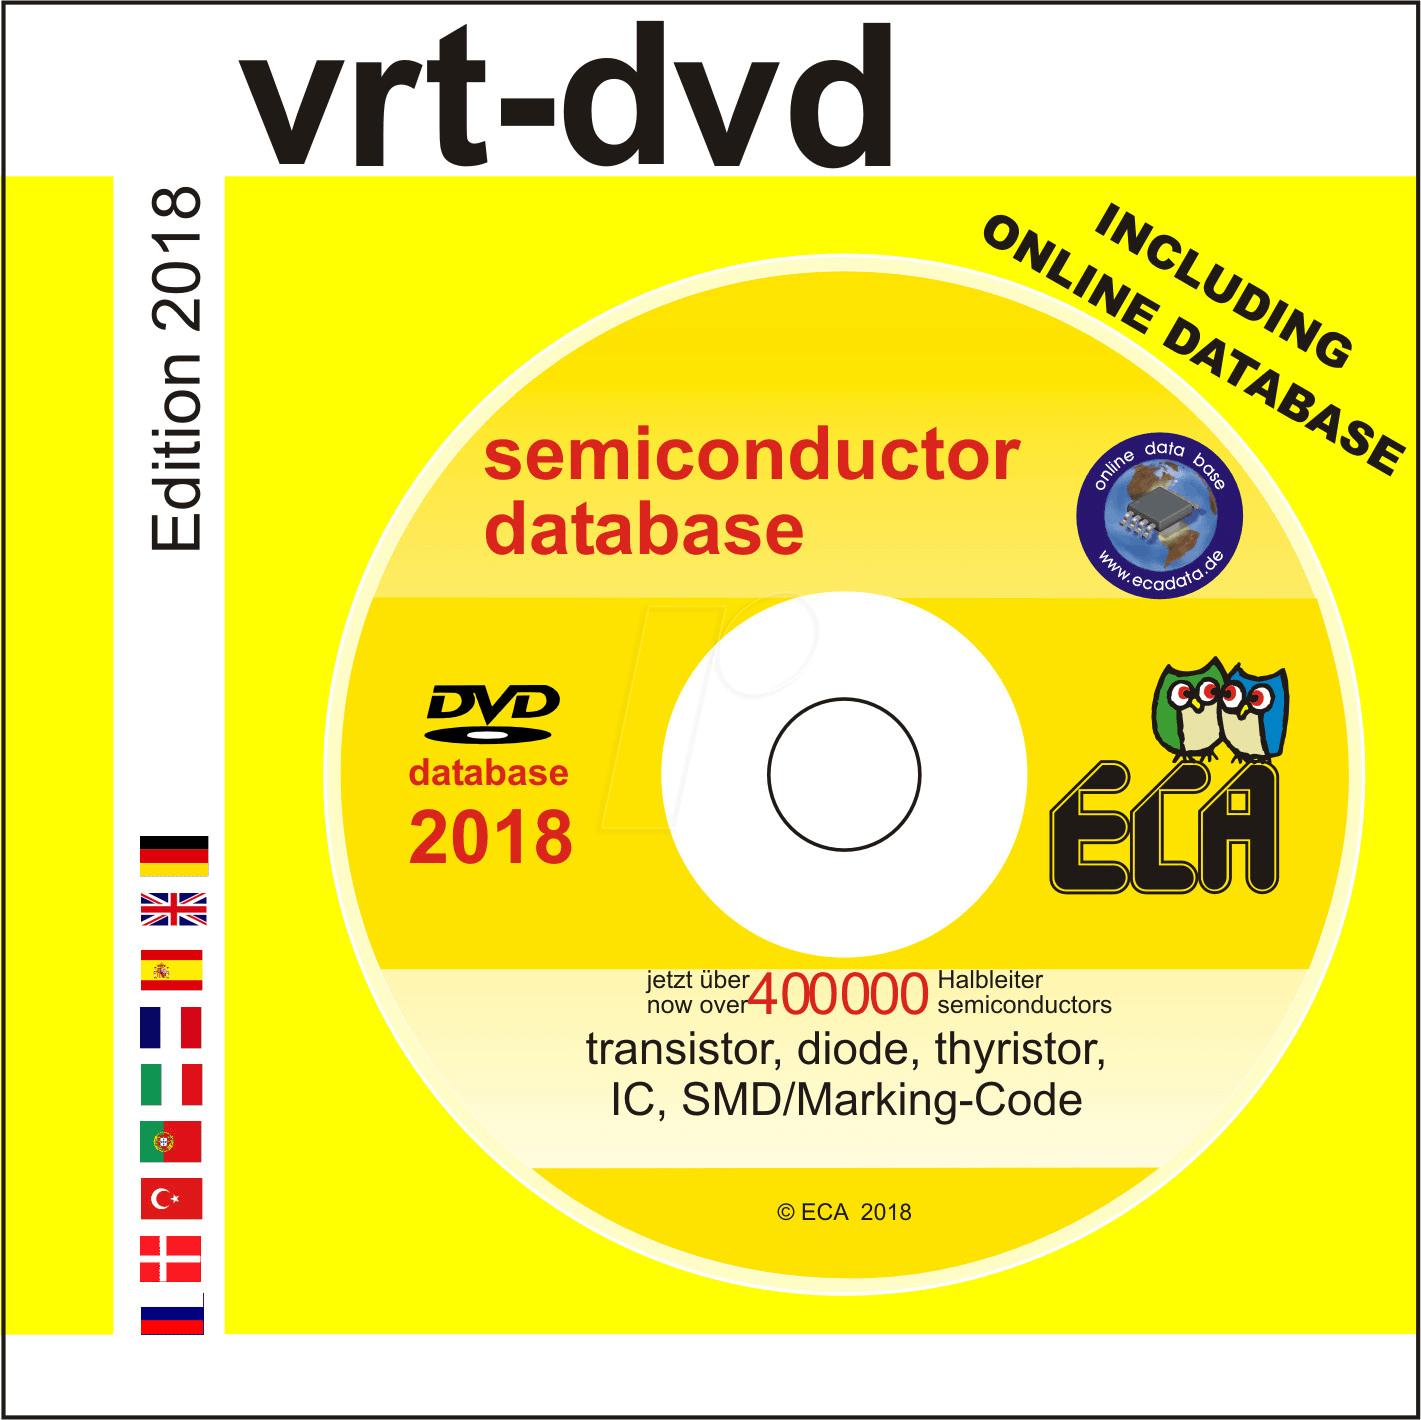 https://cdn-reichelt.de/bilder/web/xxl_ws/A200/ECA_403-15.png